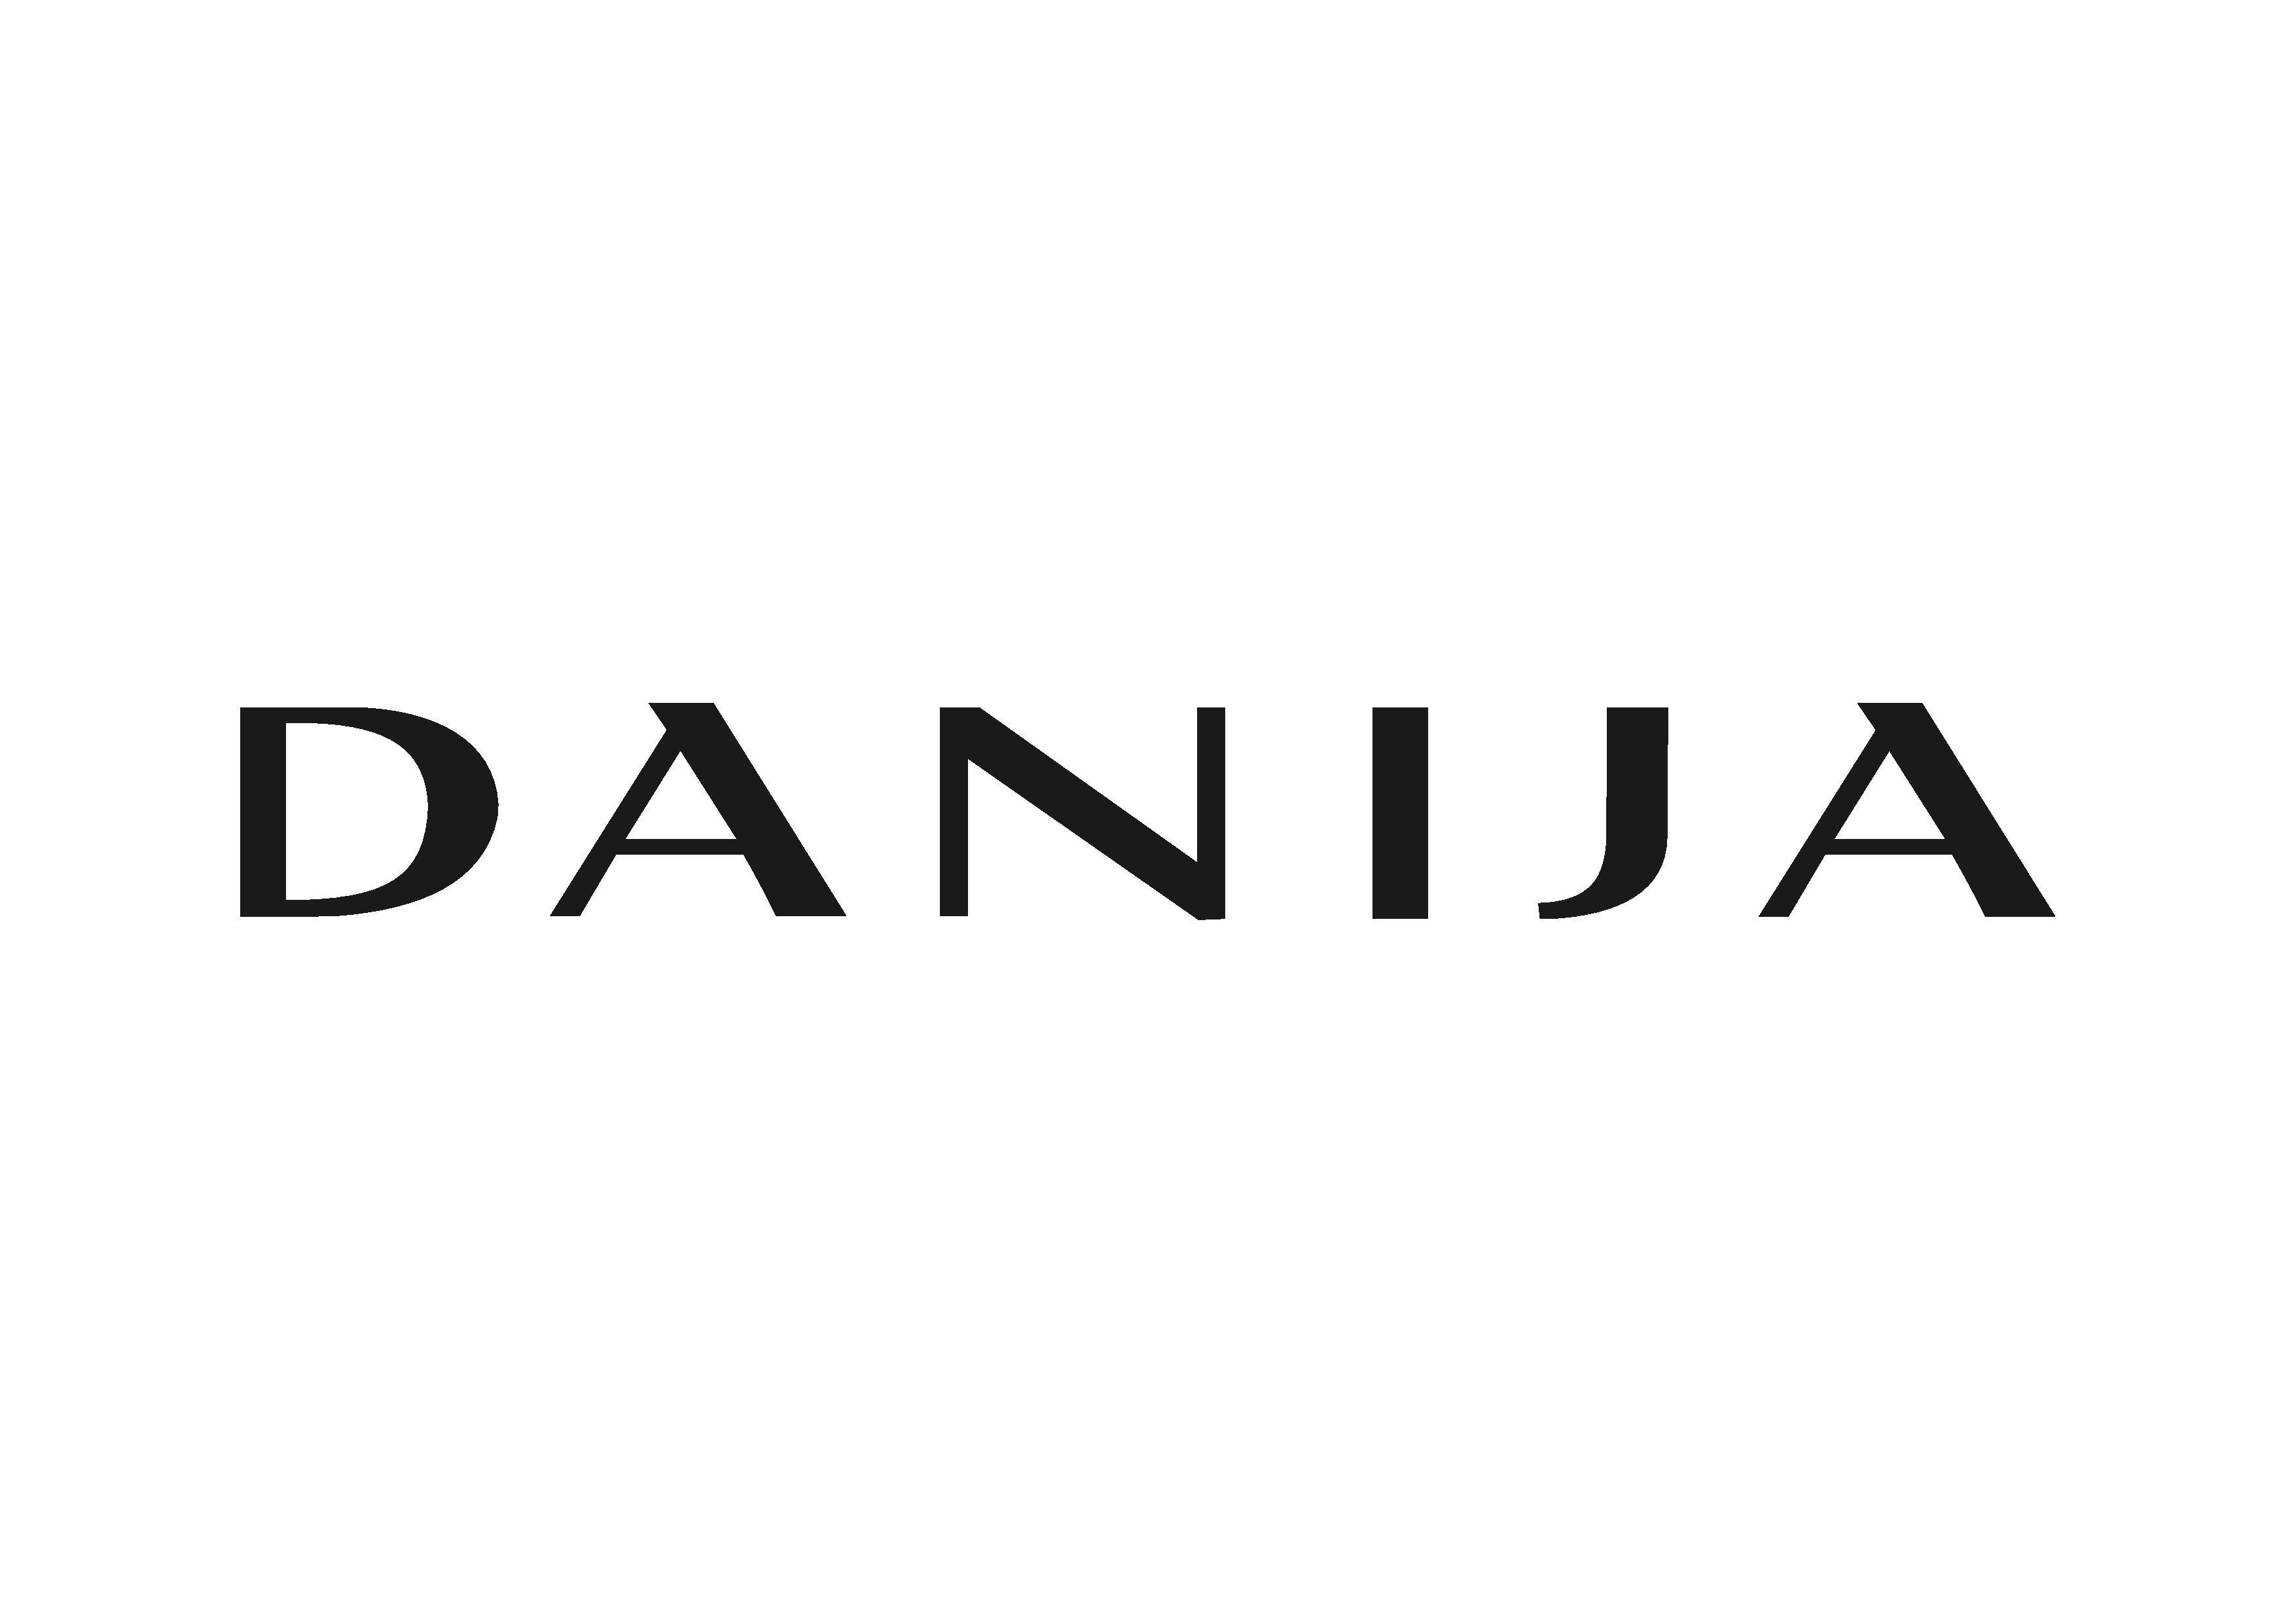 Danija